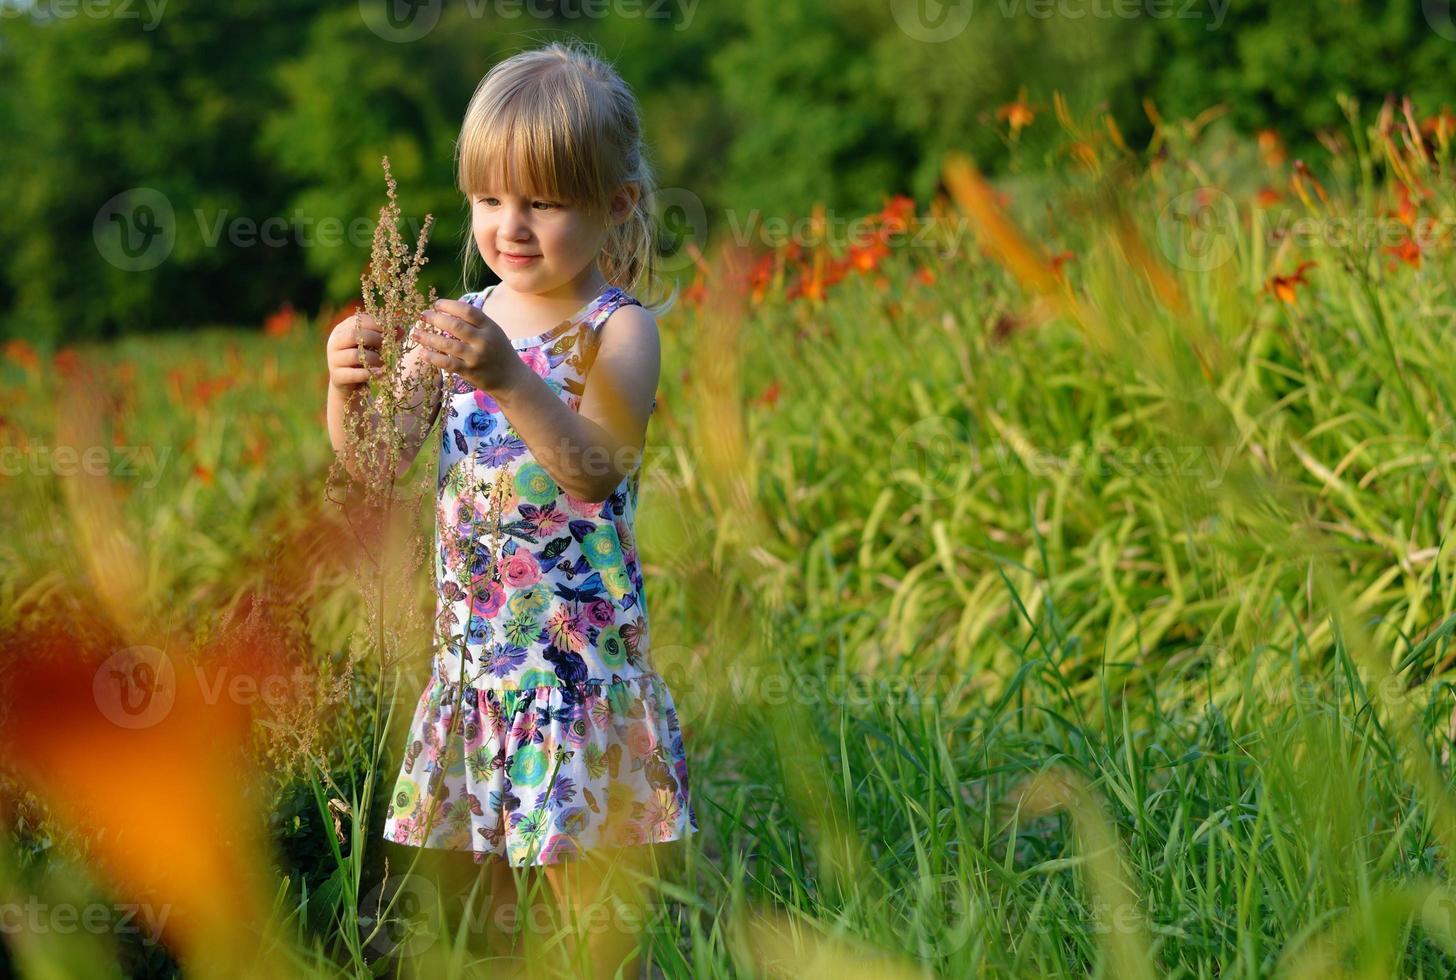 kleines Mädchen auf der Blumenwiese. foto